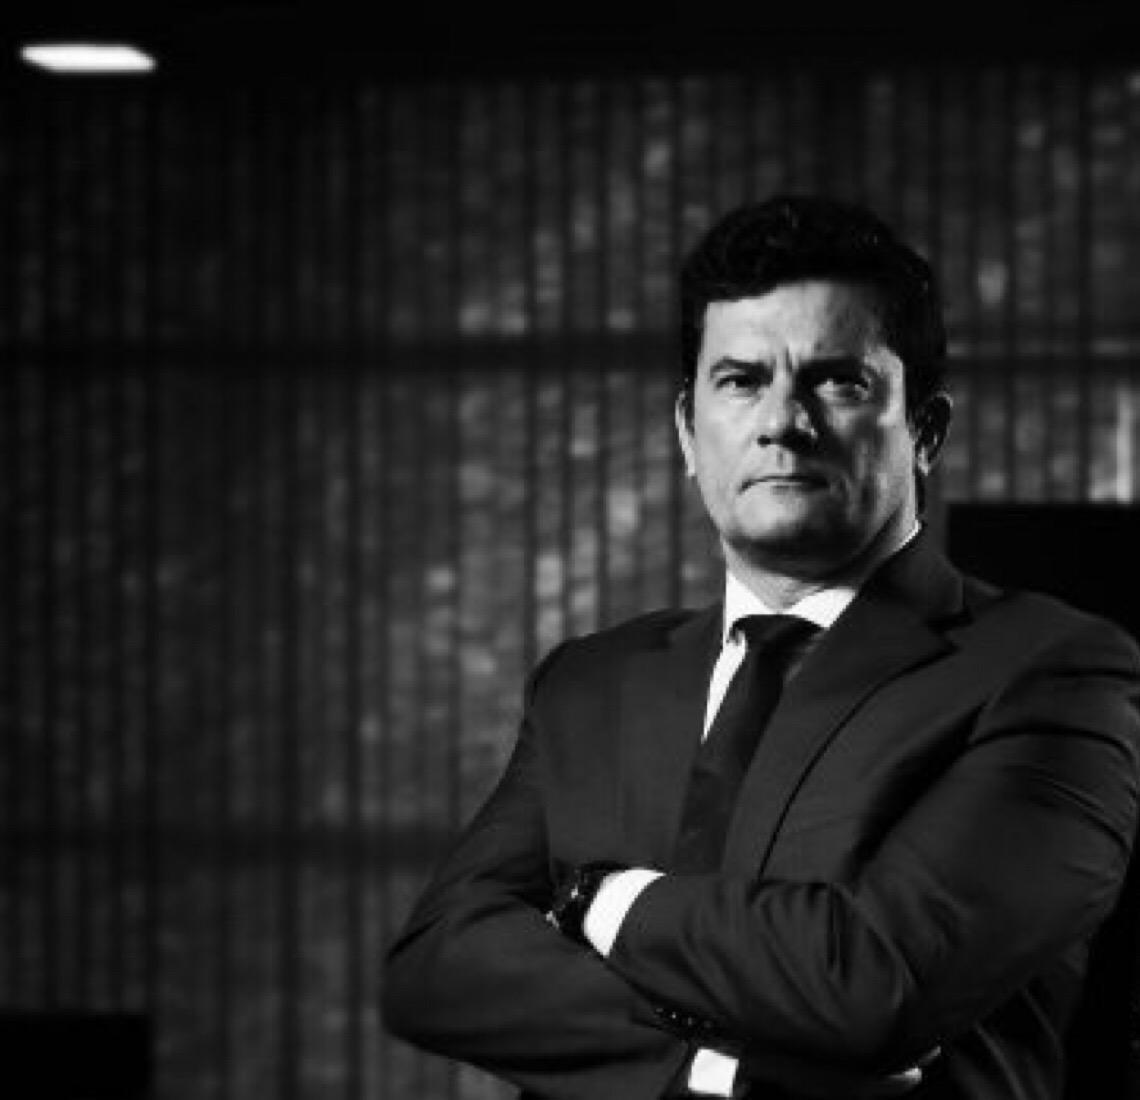 Aliados de Sérgio Moro tentam impedir instalação de CPI da Lava Jato na Câmara